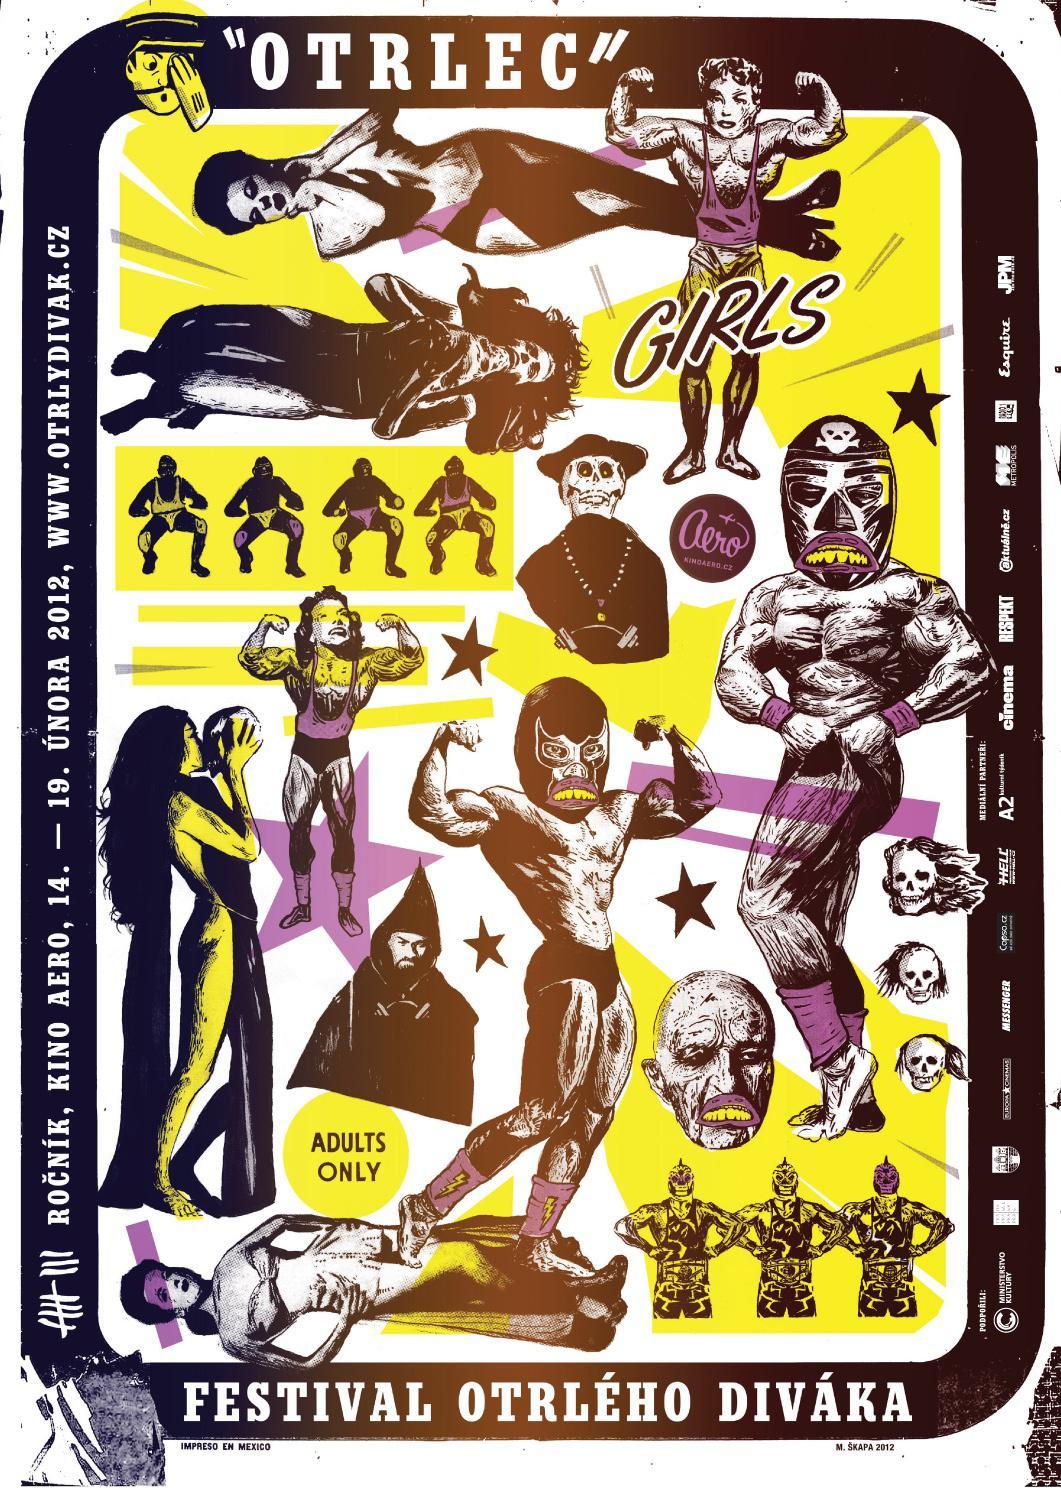 Festival otrlého diváka / plakát